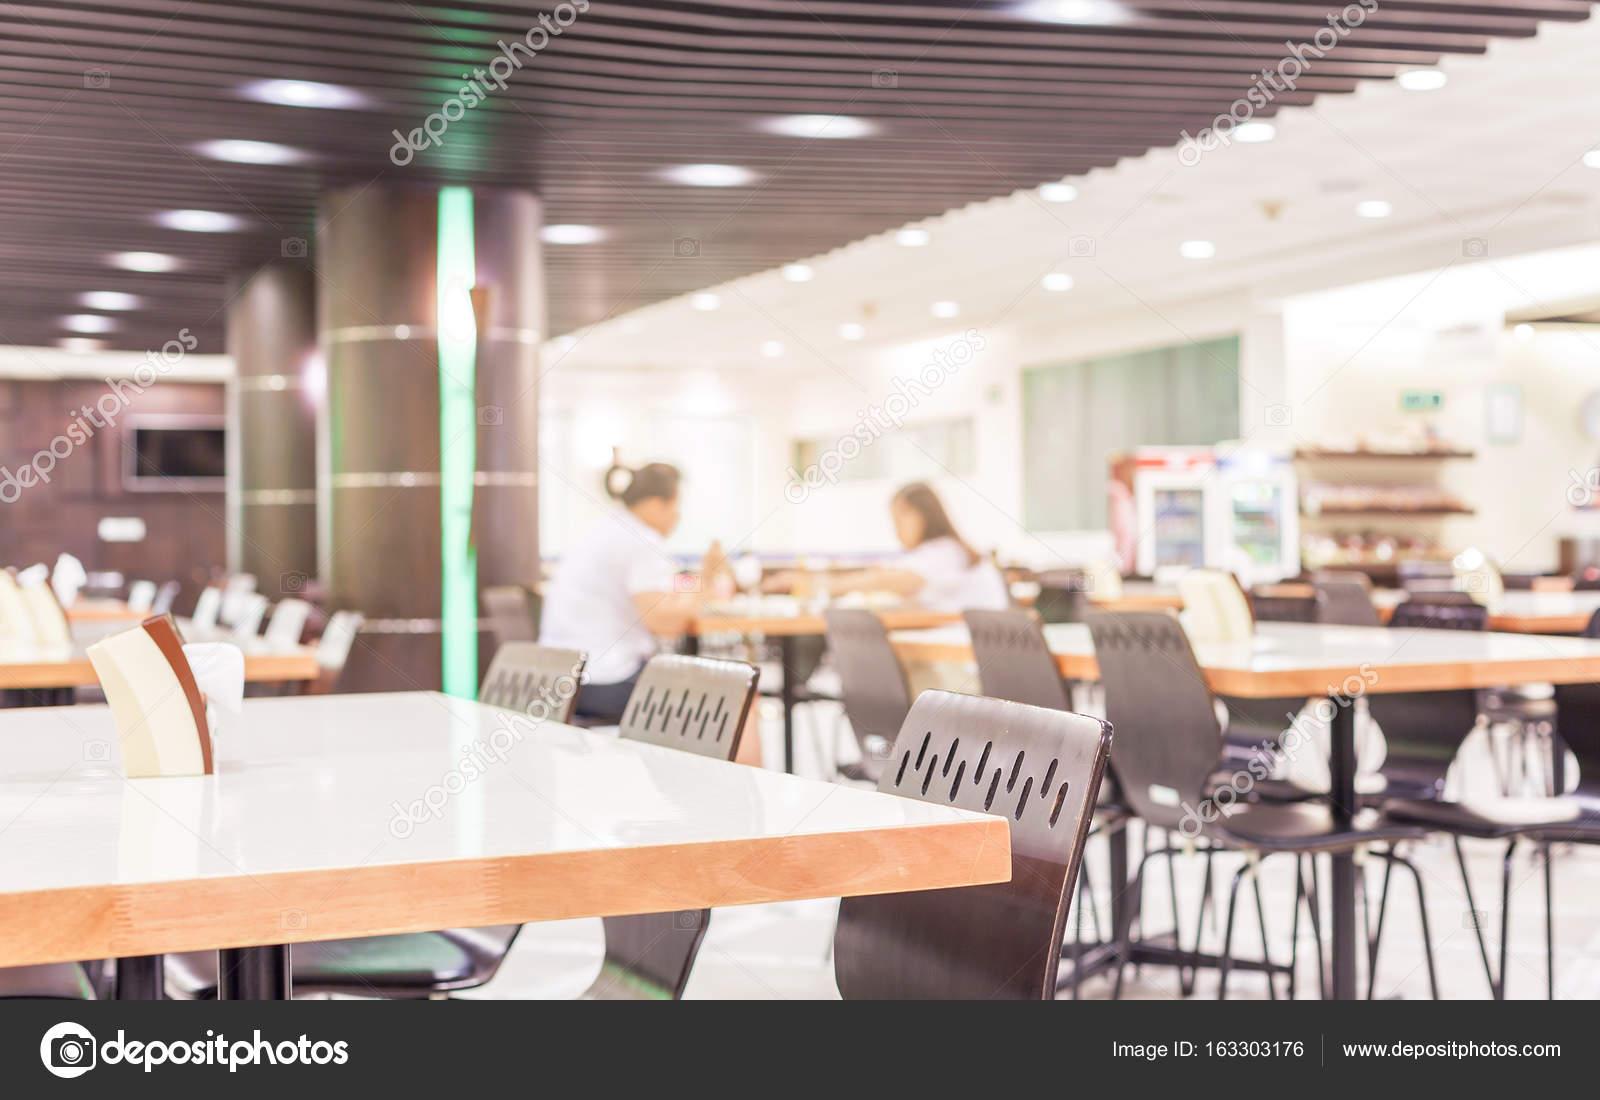 Modern interieur van cafetaria of kantine met stoelen en tafels ...